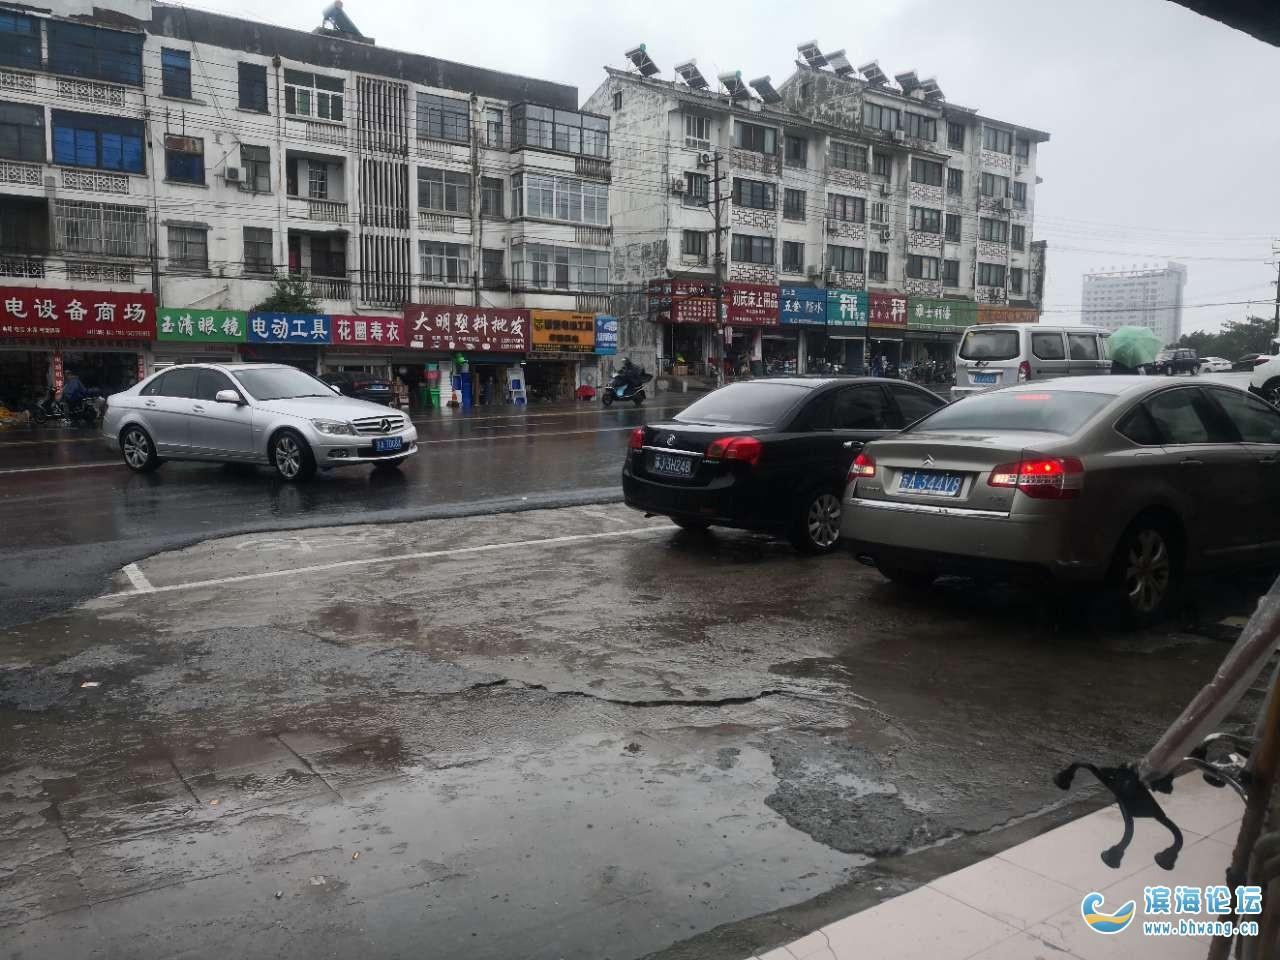 滨海县东坎街道新建桥北,道路违章停车非常严重,谁来管管呢